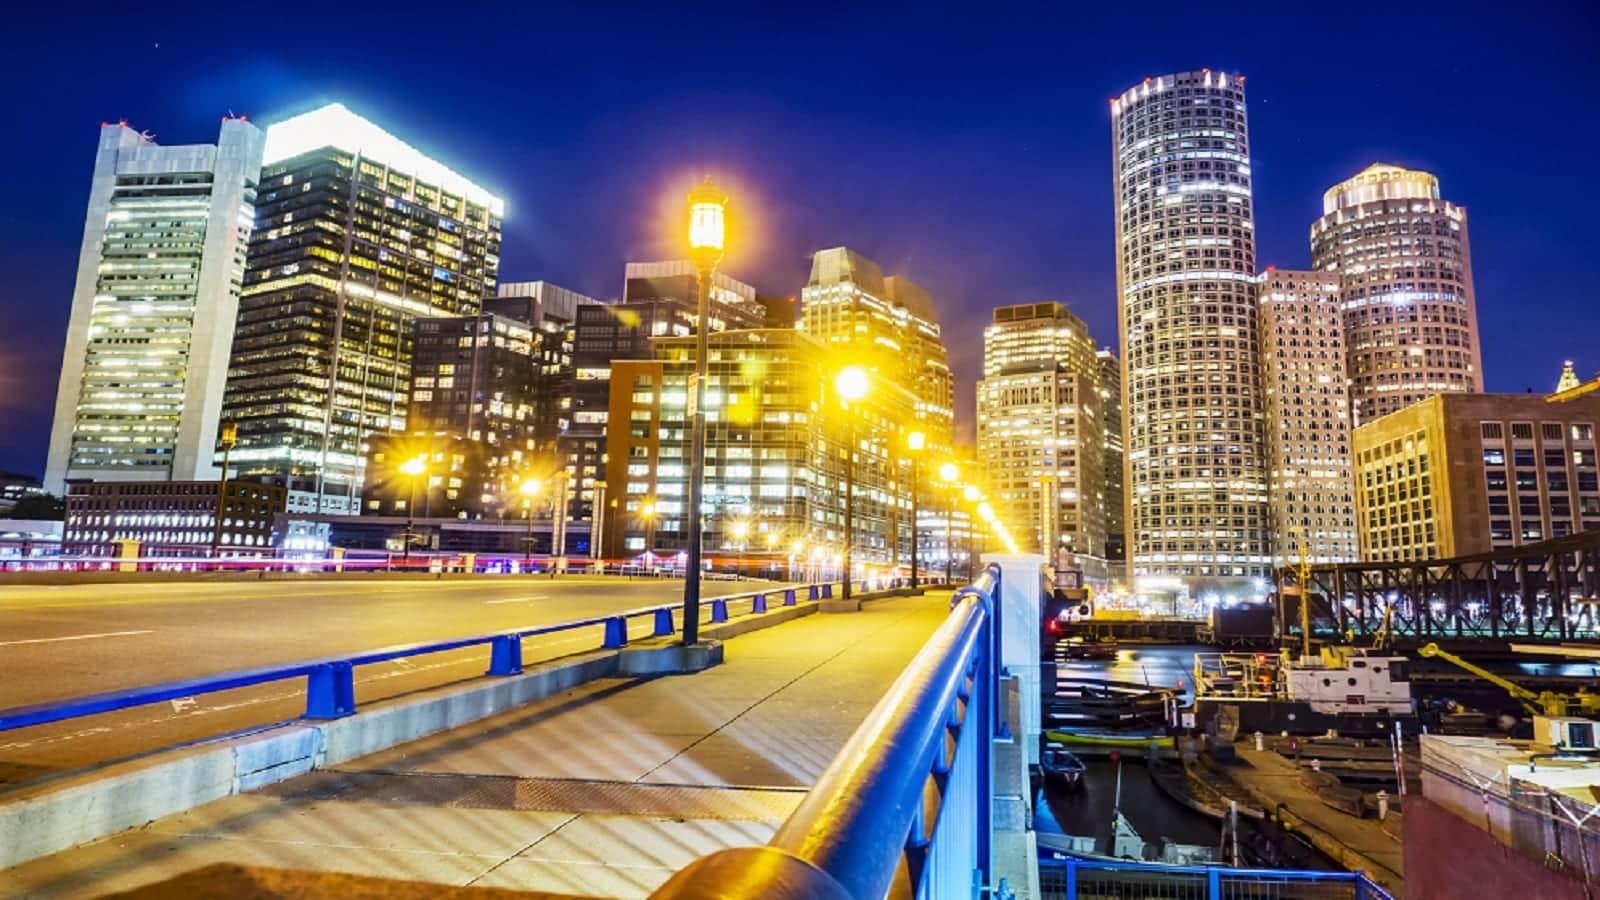 Downtown Boston, Massachusetts Skyline